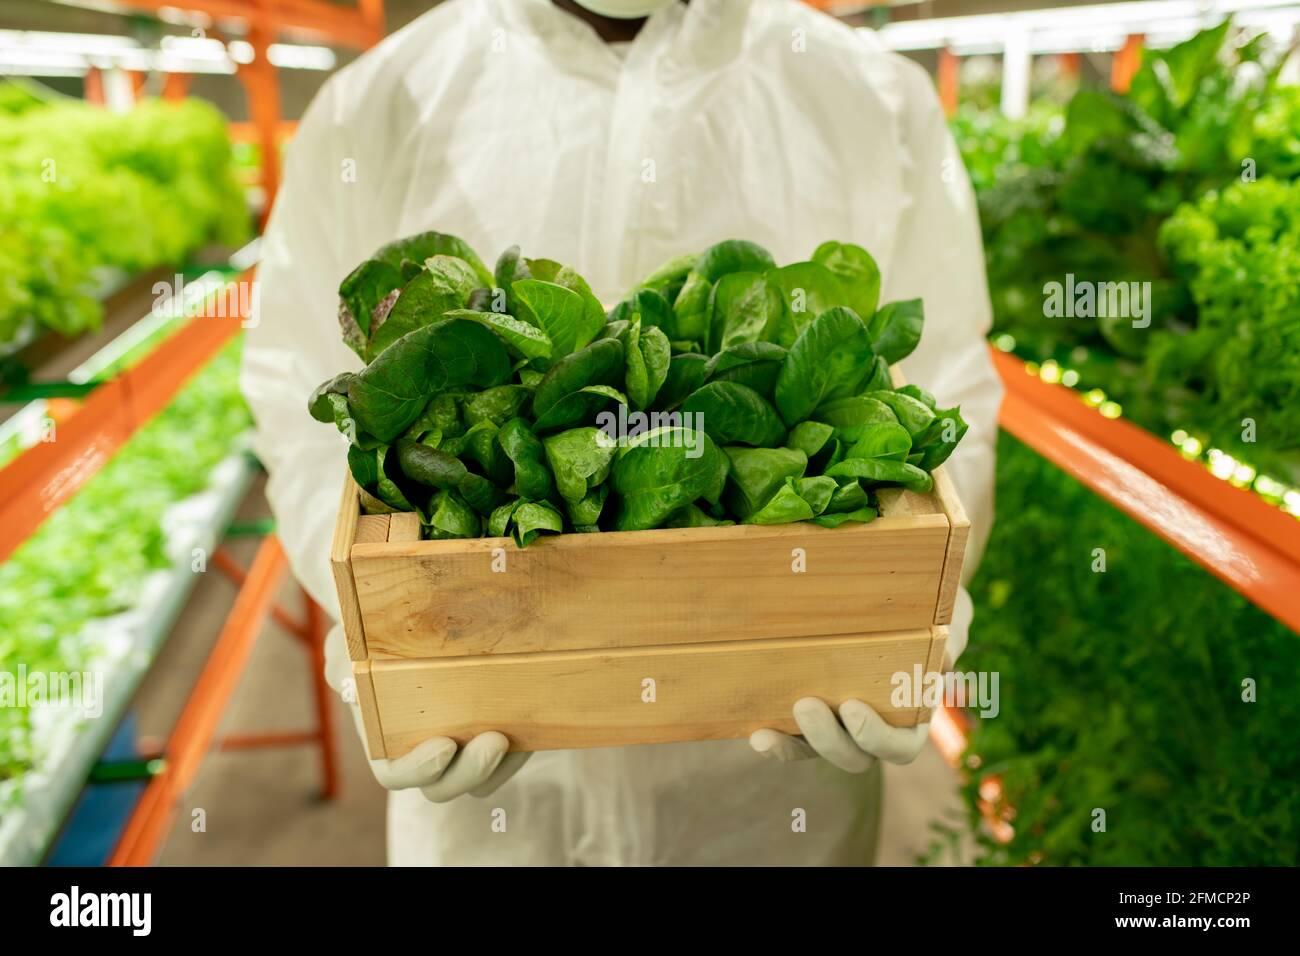 Gros plan d'un agroingénieur méconnaissable en vêtements de protection debout avec une boîte de semis verts à la ferme verticale Banque D'Images